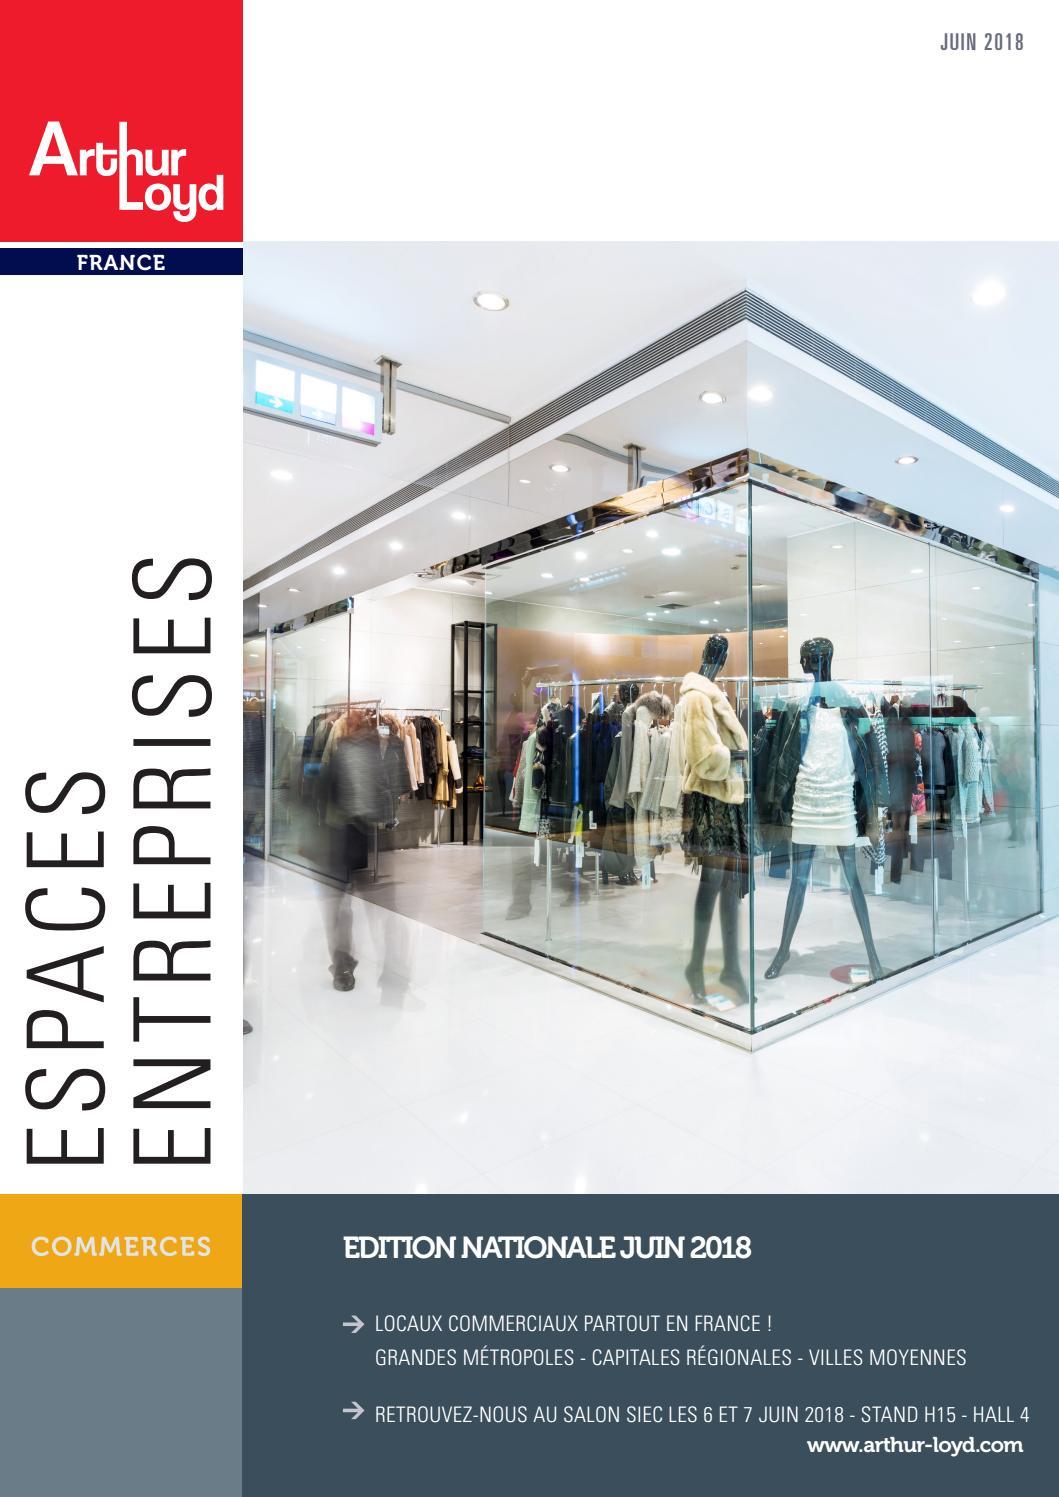 Envia Cuisine Fleury Les Aubrais espaces entreprises commerces juin 18arthur loyd limoges